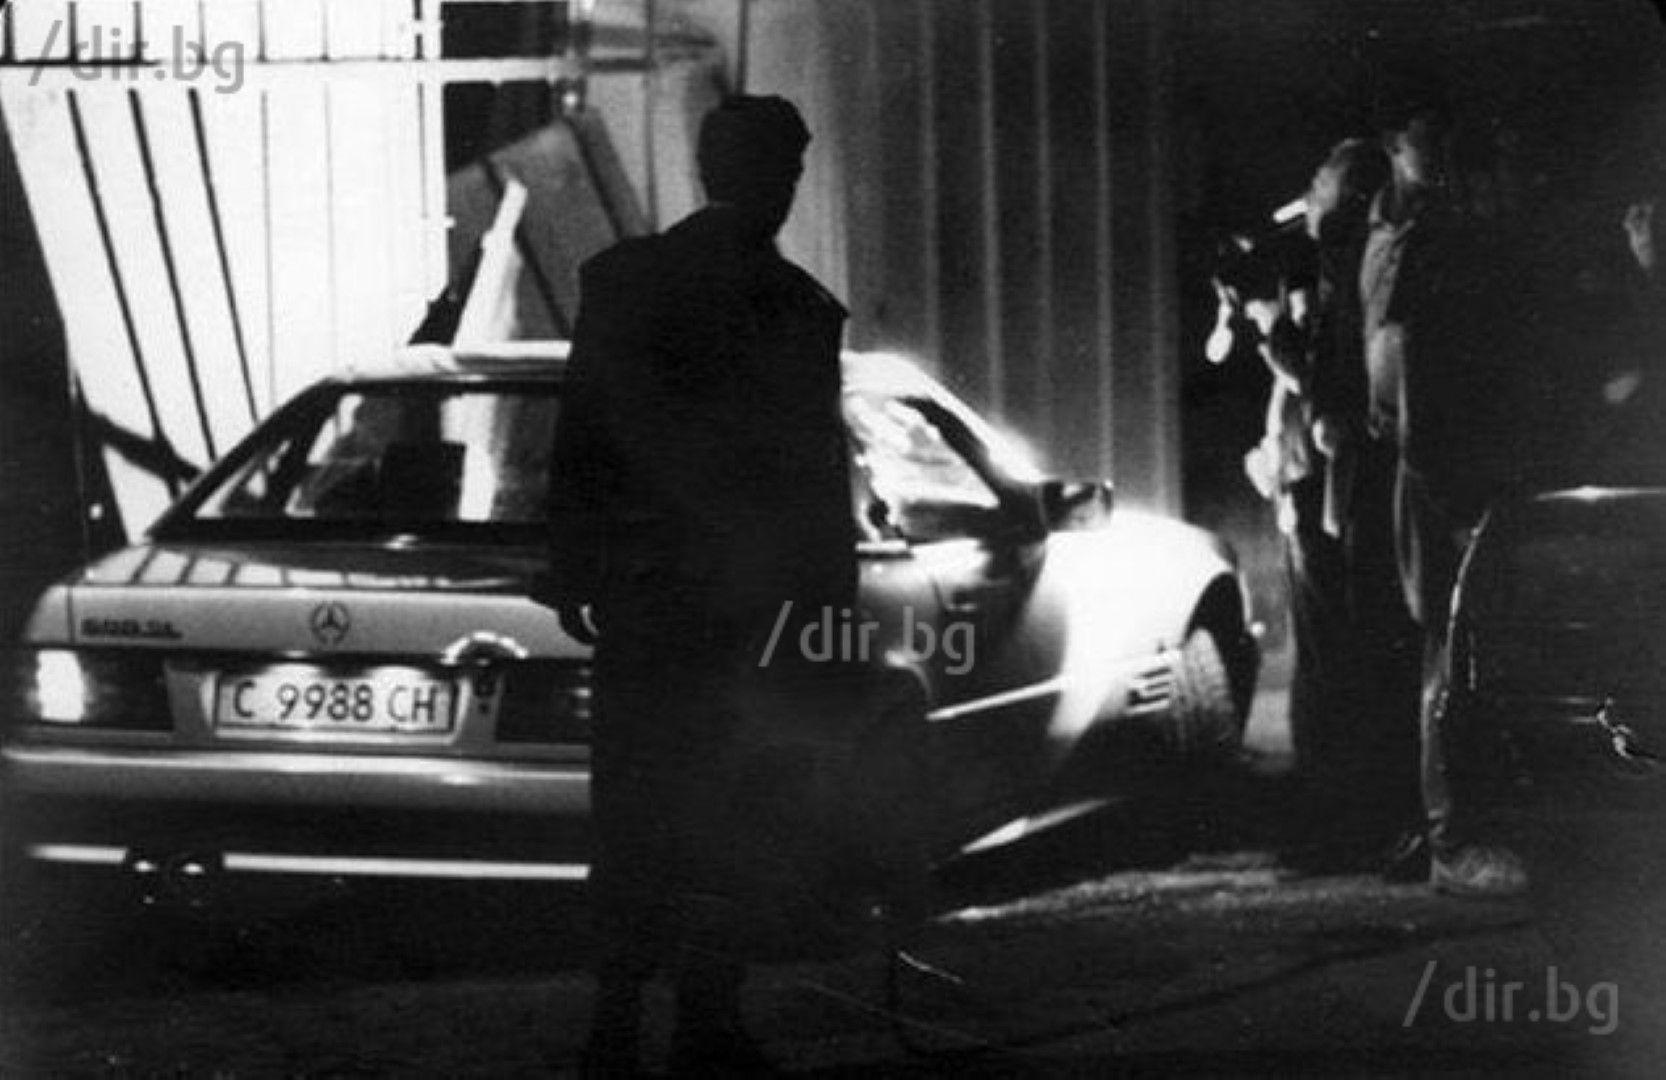 """25 април 1995 г. Васил Илиев загива сред дъжд от куршуми в мерцедеса си на разкопаната софийска улица """"Луи Айер"""". Създателят на емблематичната мутренска групировка отива към ресторант """"Мираж"""", станал сборище на прохождащия борчески елит, където ще празнува рождения ден на майка си Невена."""